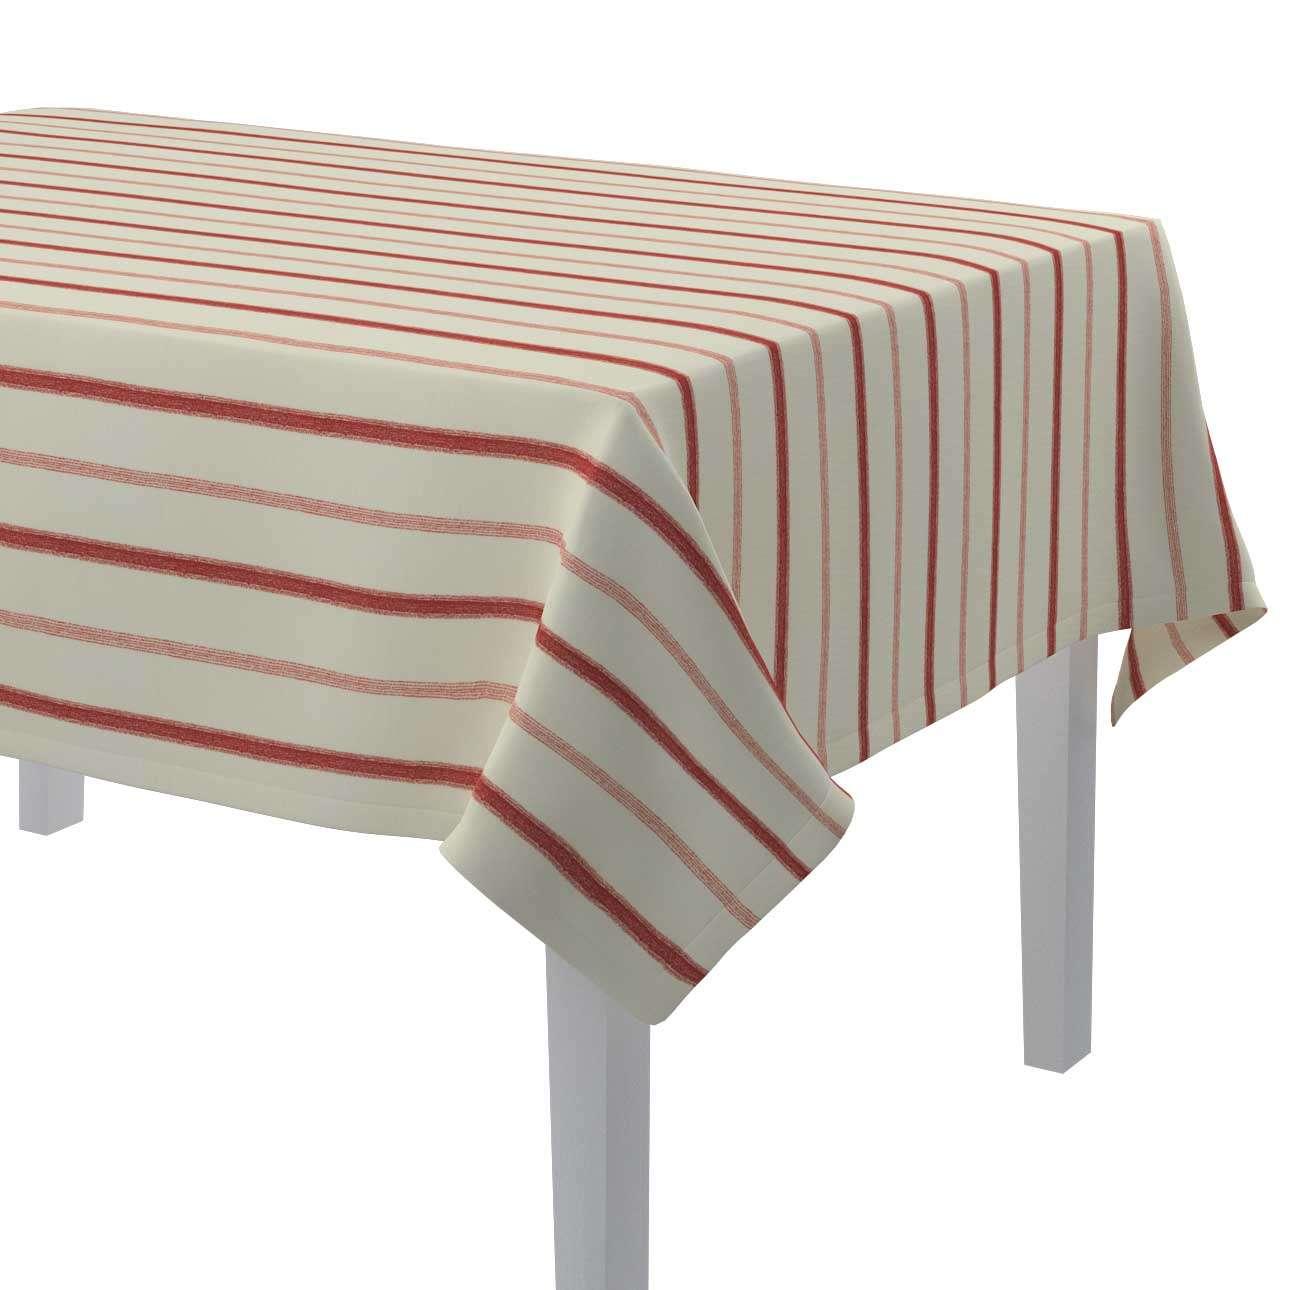 Rektangulär bordsduk  i kollektionen Avinon, Tyg: 129-15